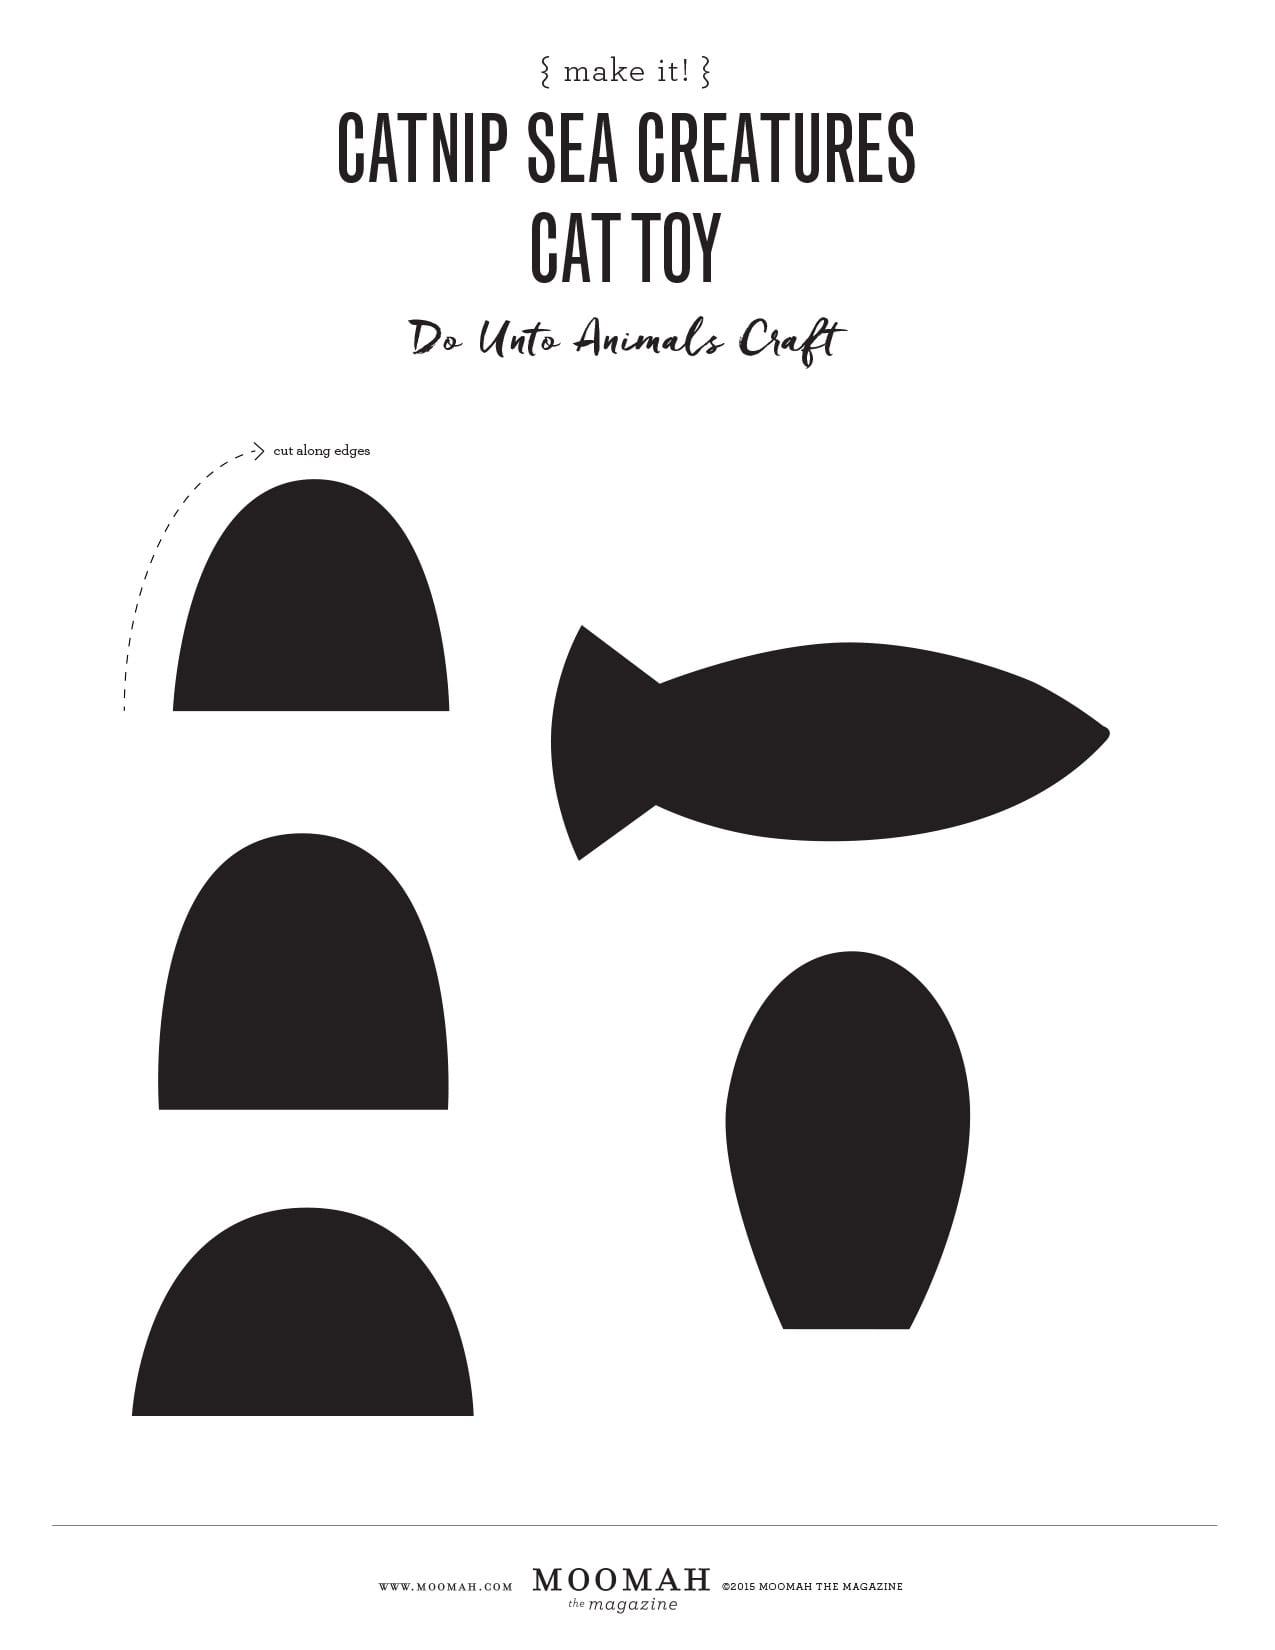 Catnip Sea Creatures Cat Toy Template